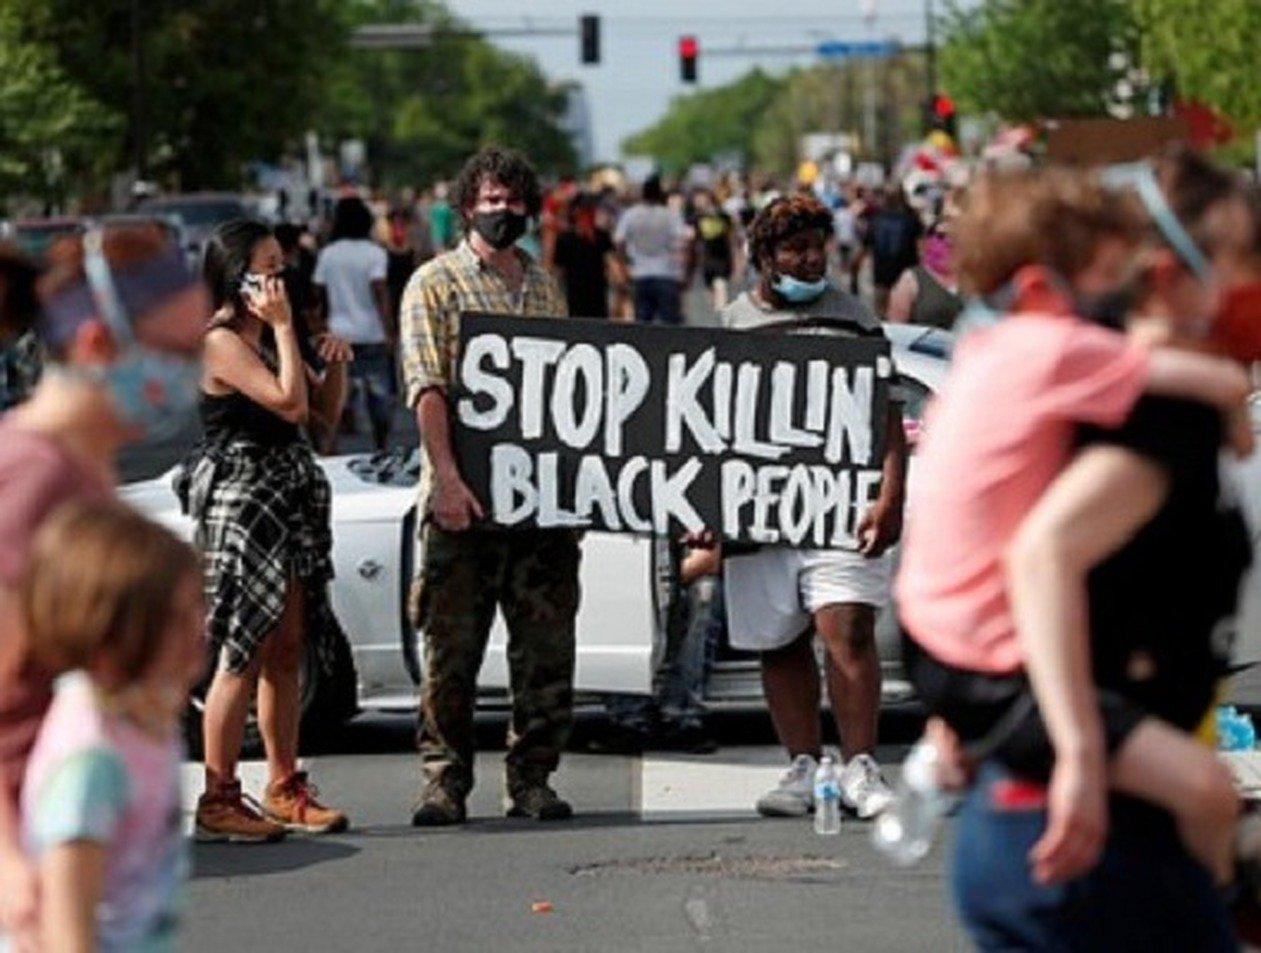 Жестокое задержание и гибель афроамериканца в США привели к бунтам